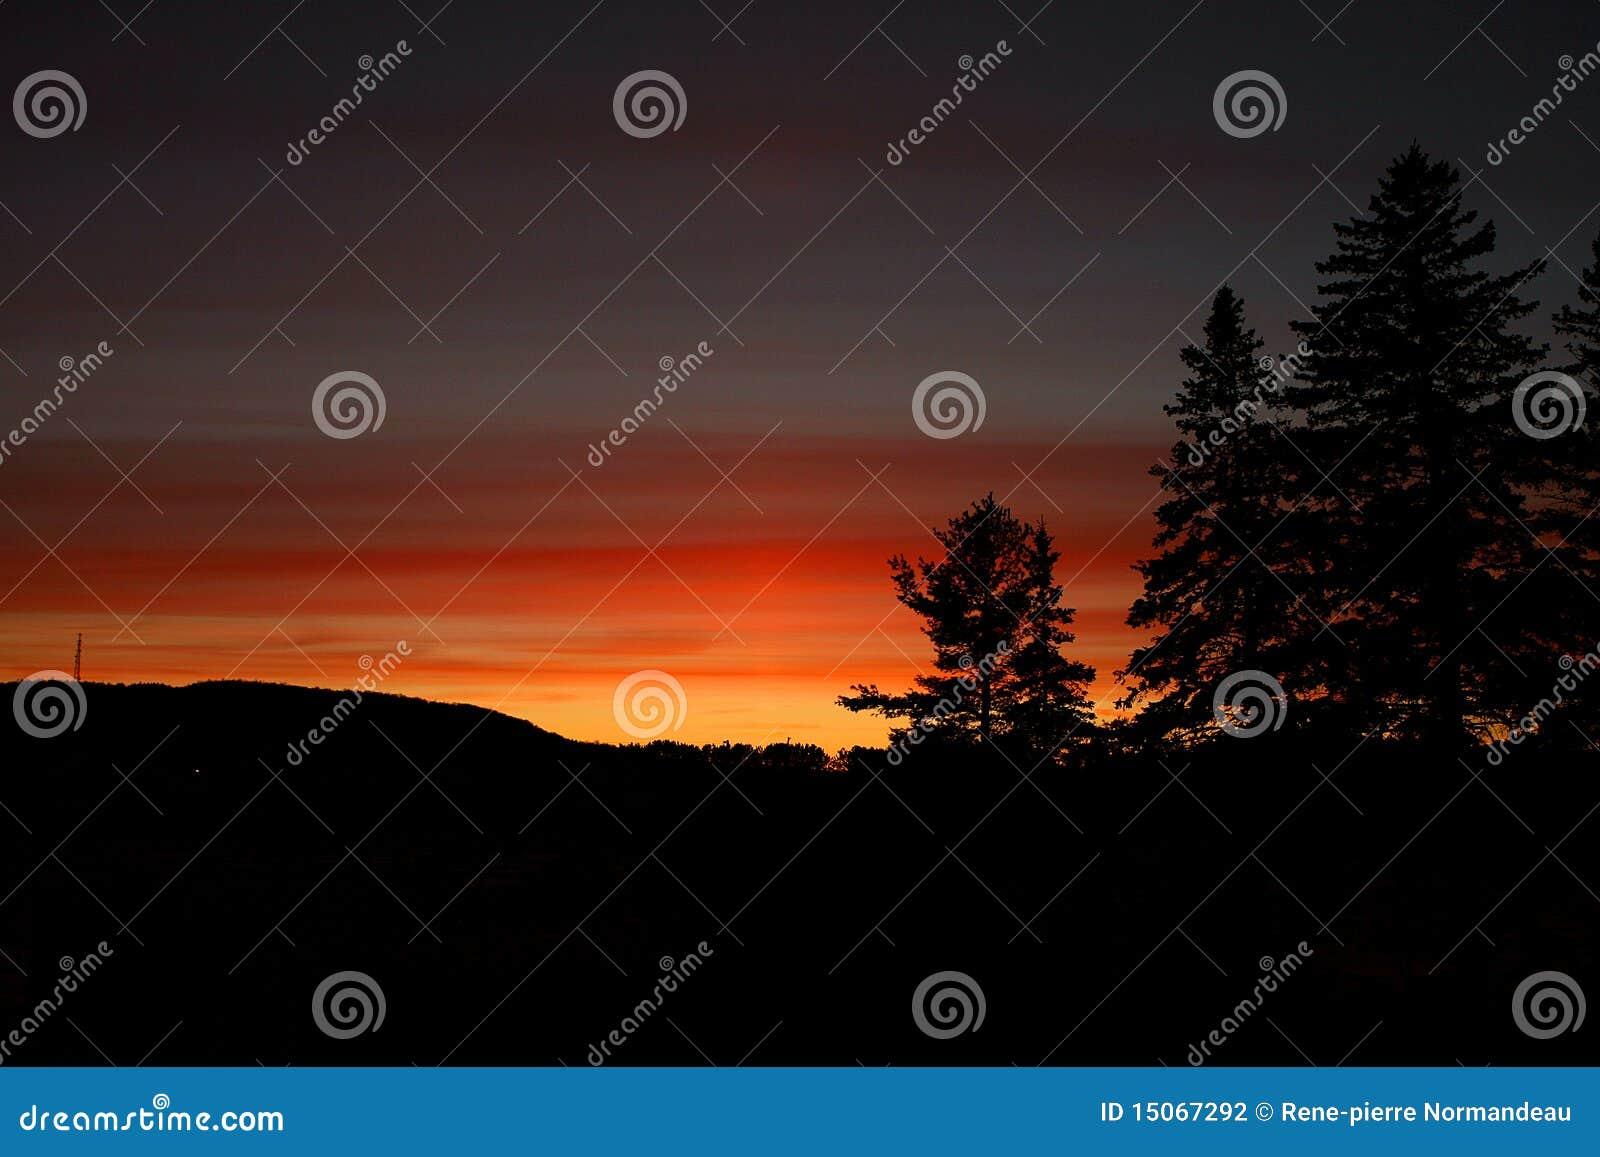 Dunkelroter Sonnenuntergang mit Kieferkegel-Bäume silouhette